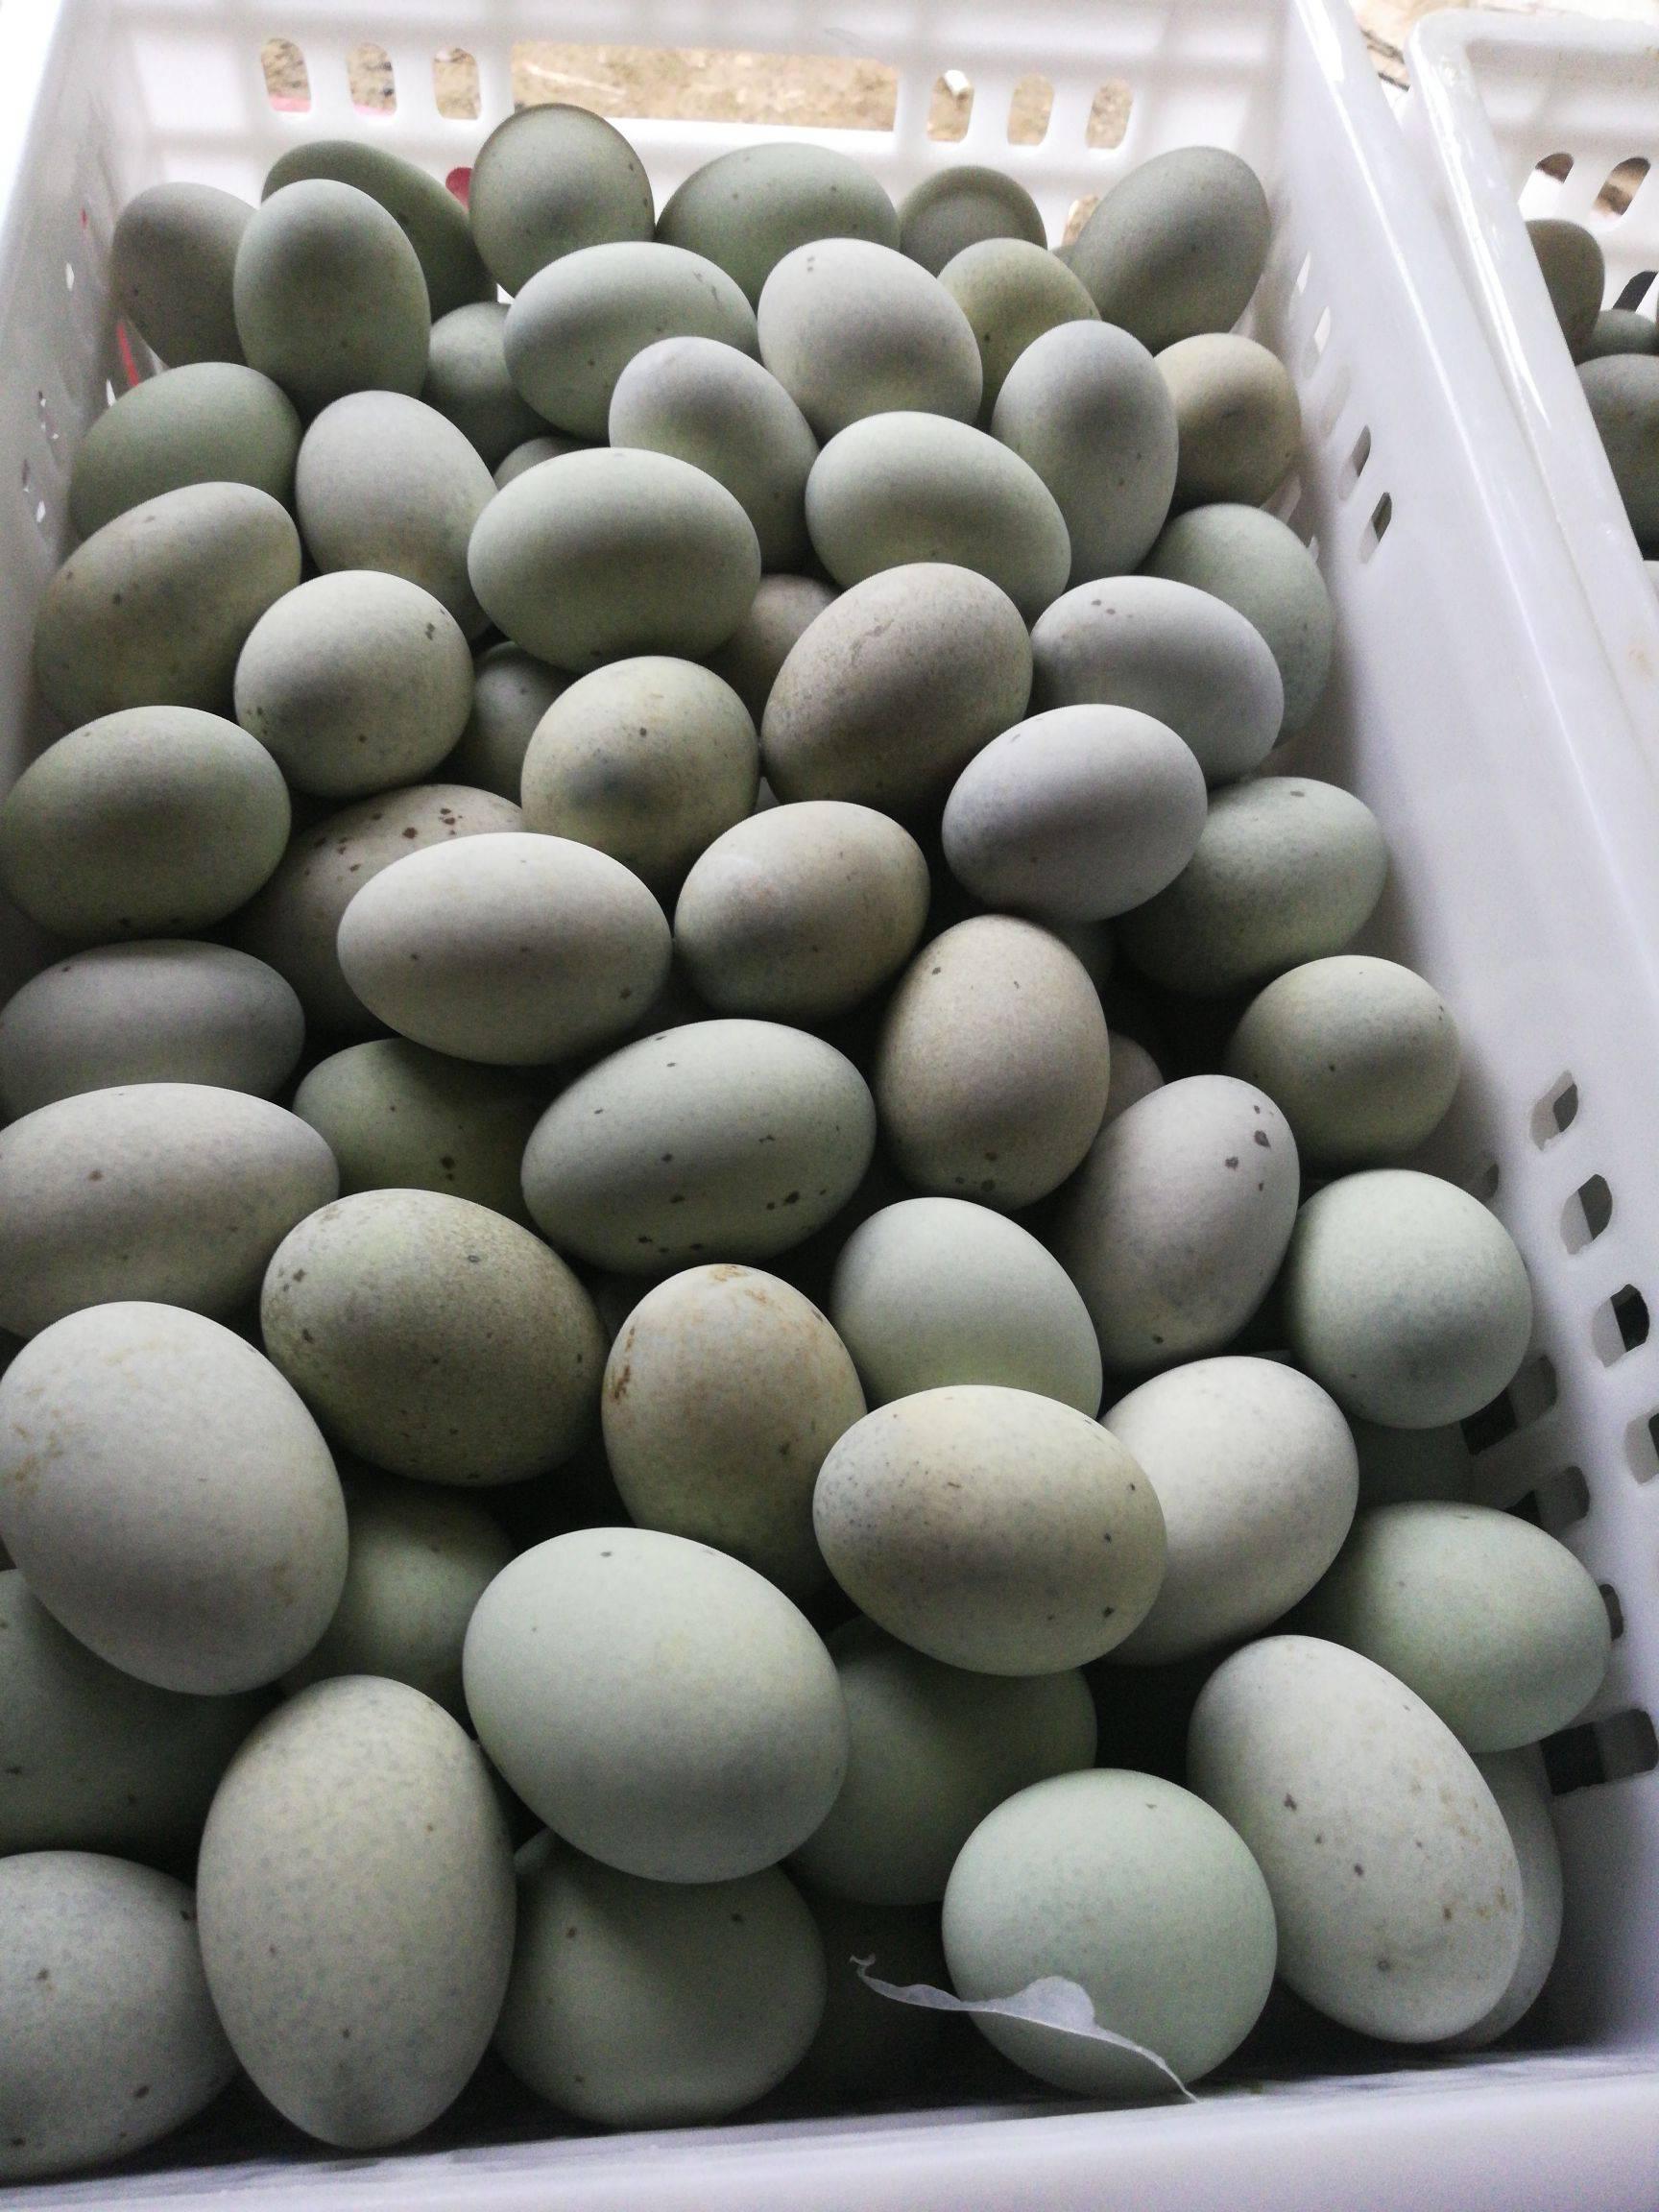 [松花皮蛋批发]松花皮蛋价格0.86元/斤